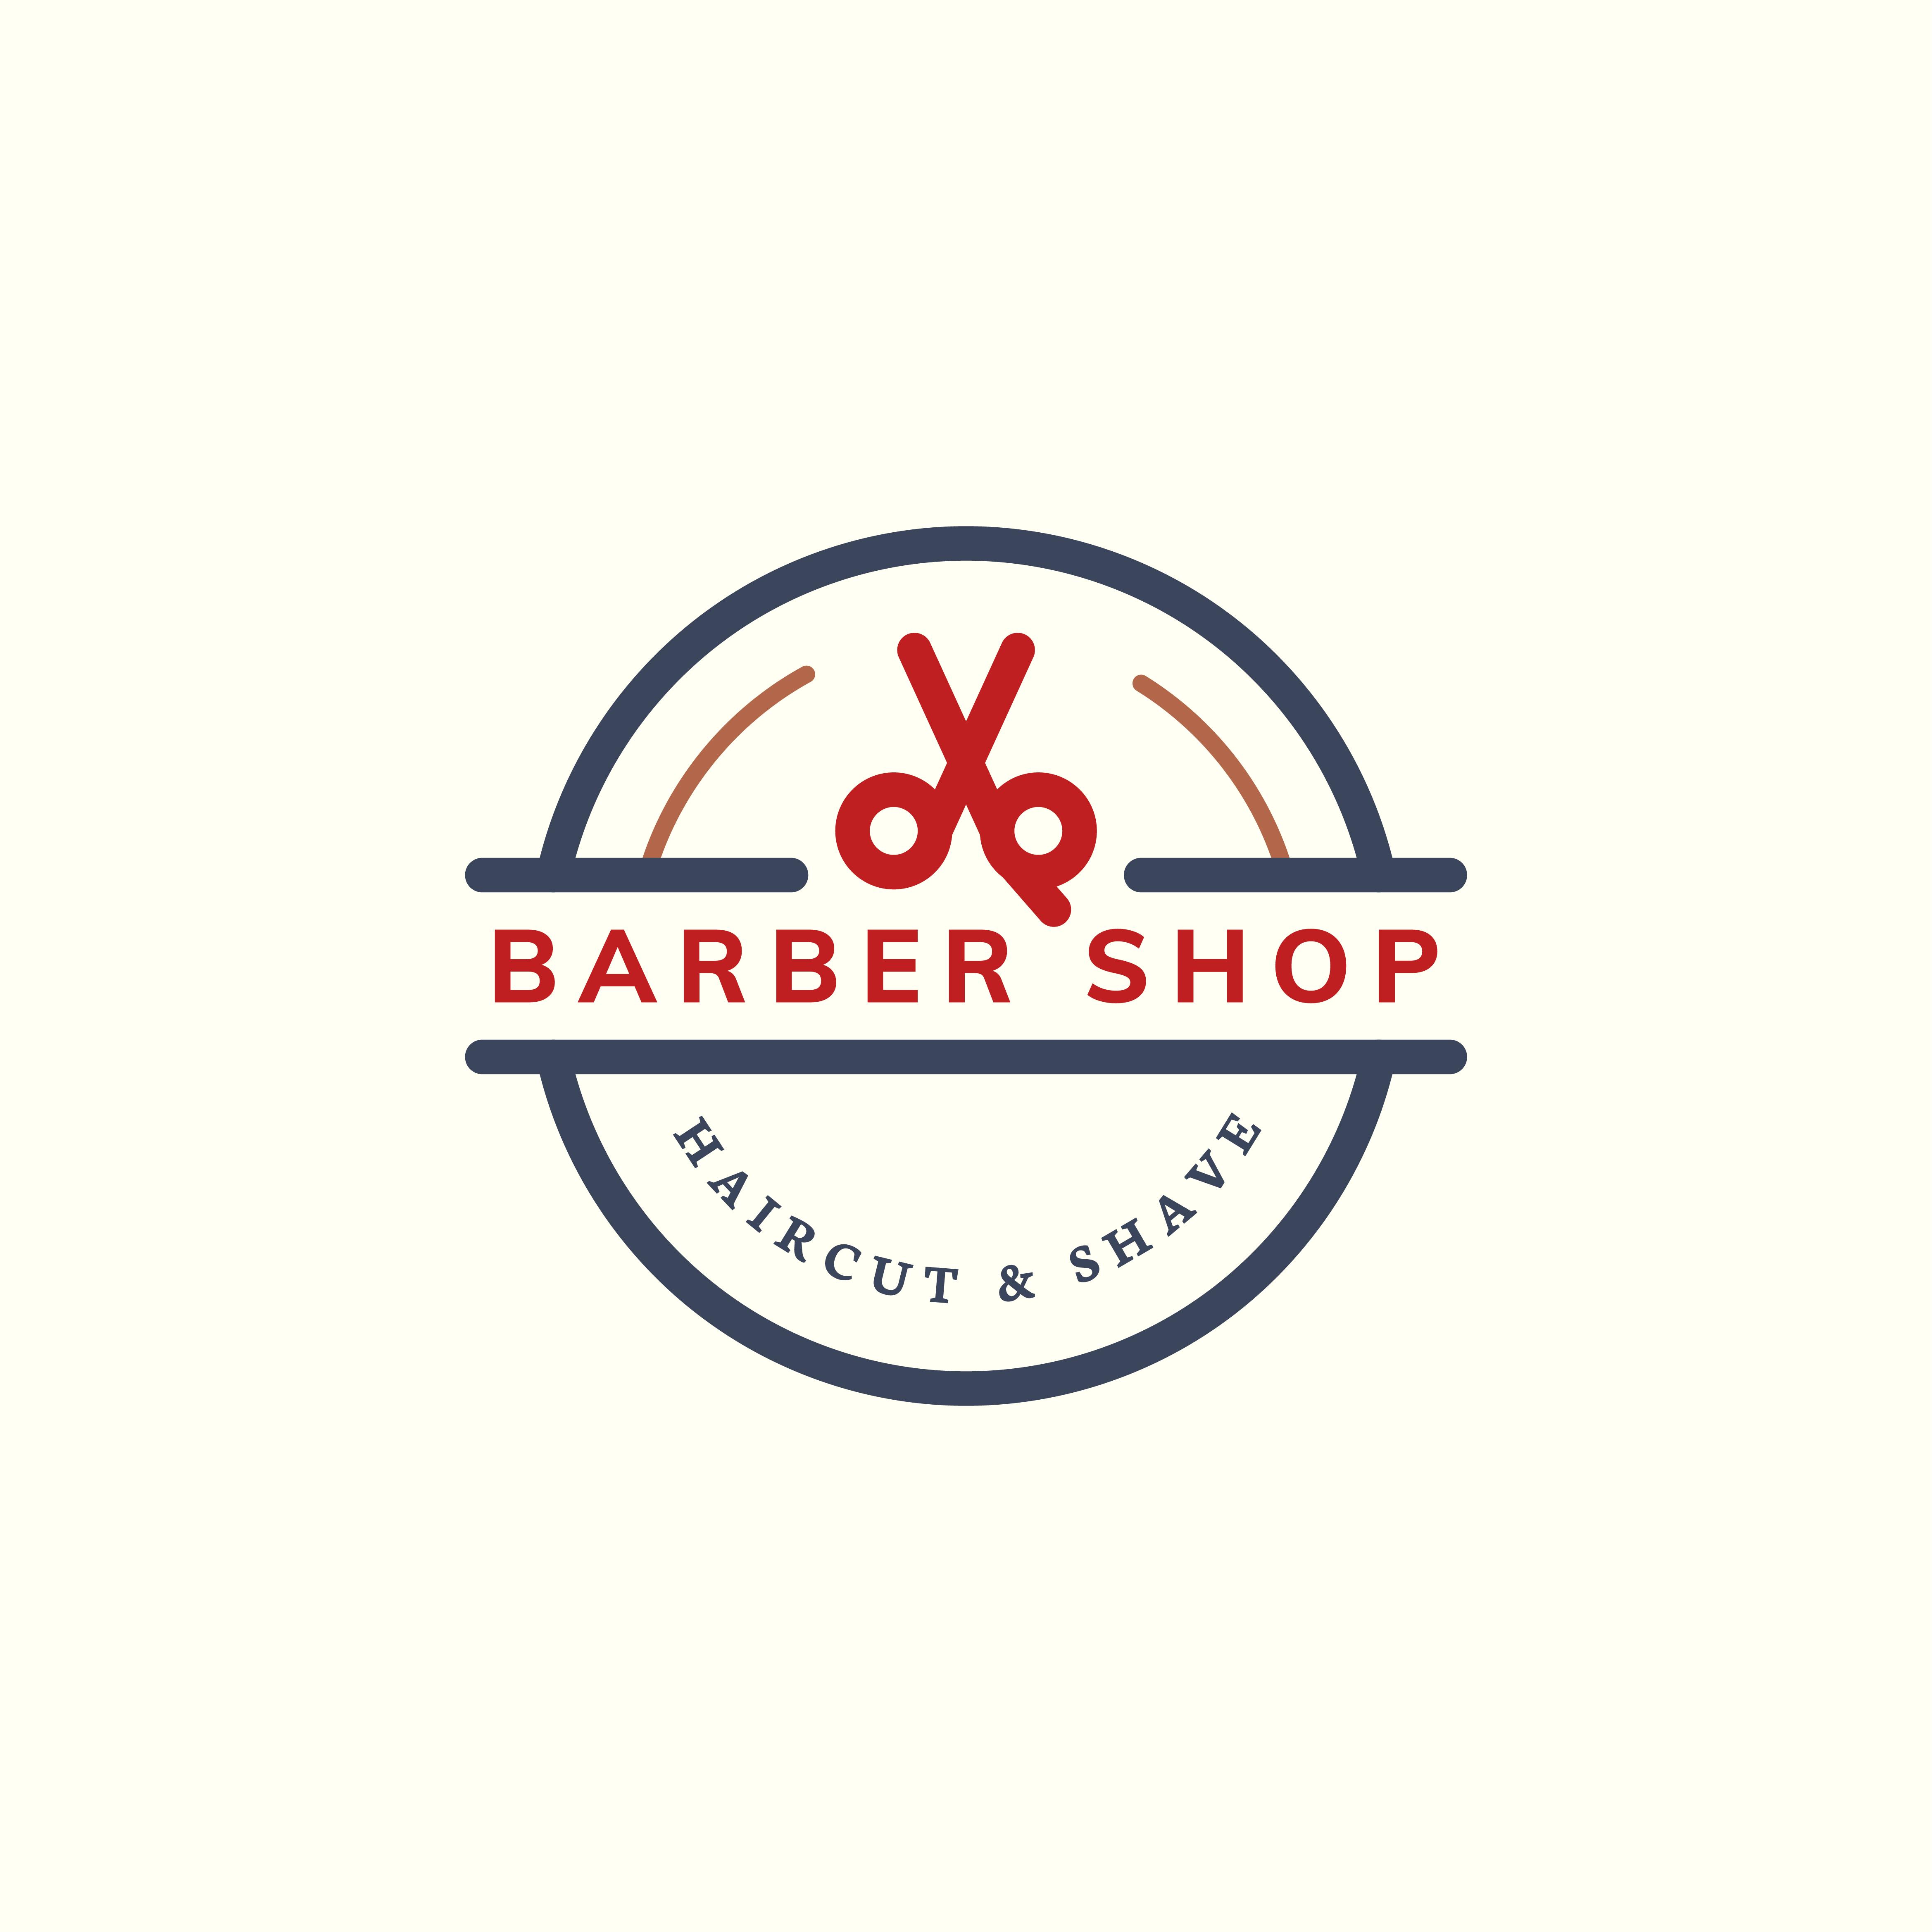 Natural Brand Logo Badge Design: Barber Shop Logo Design Illustration